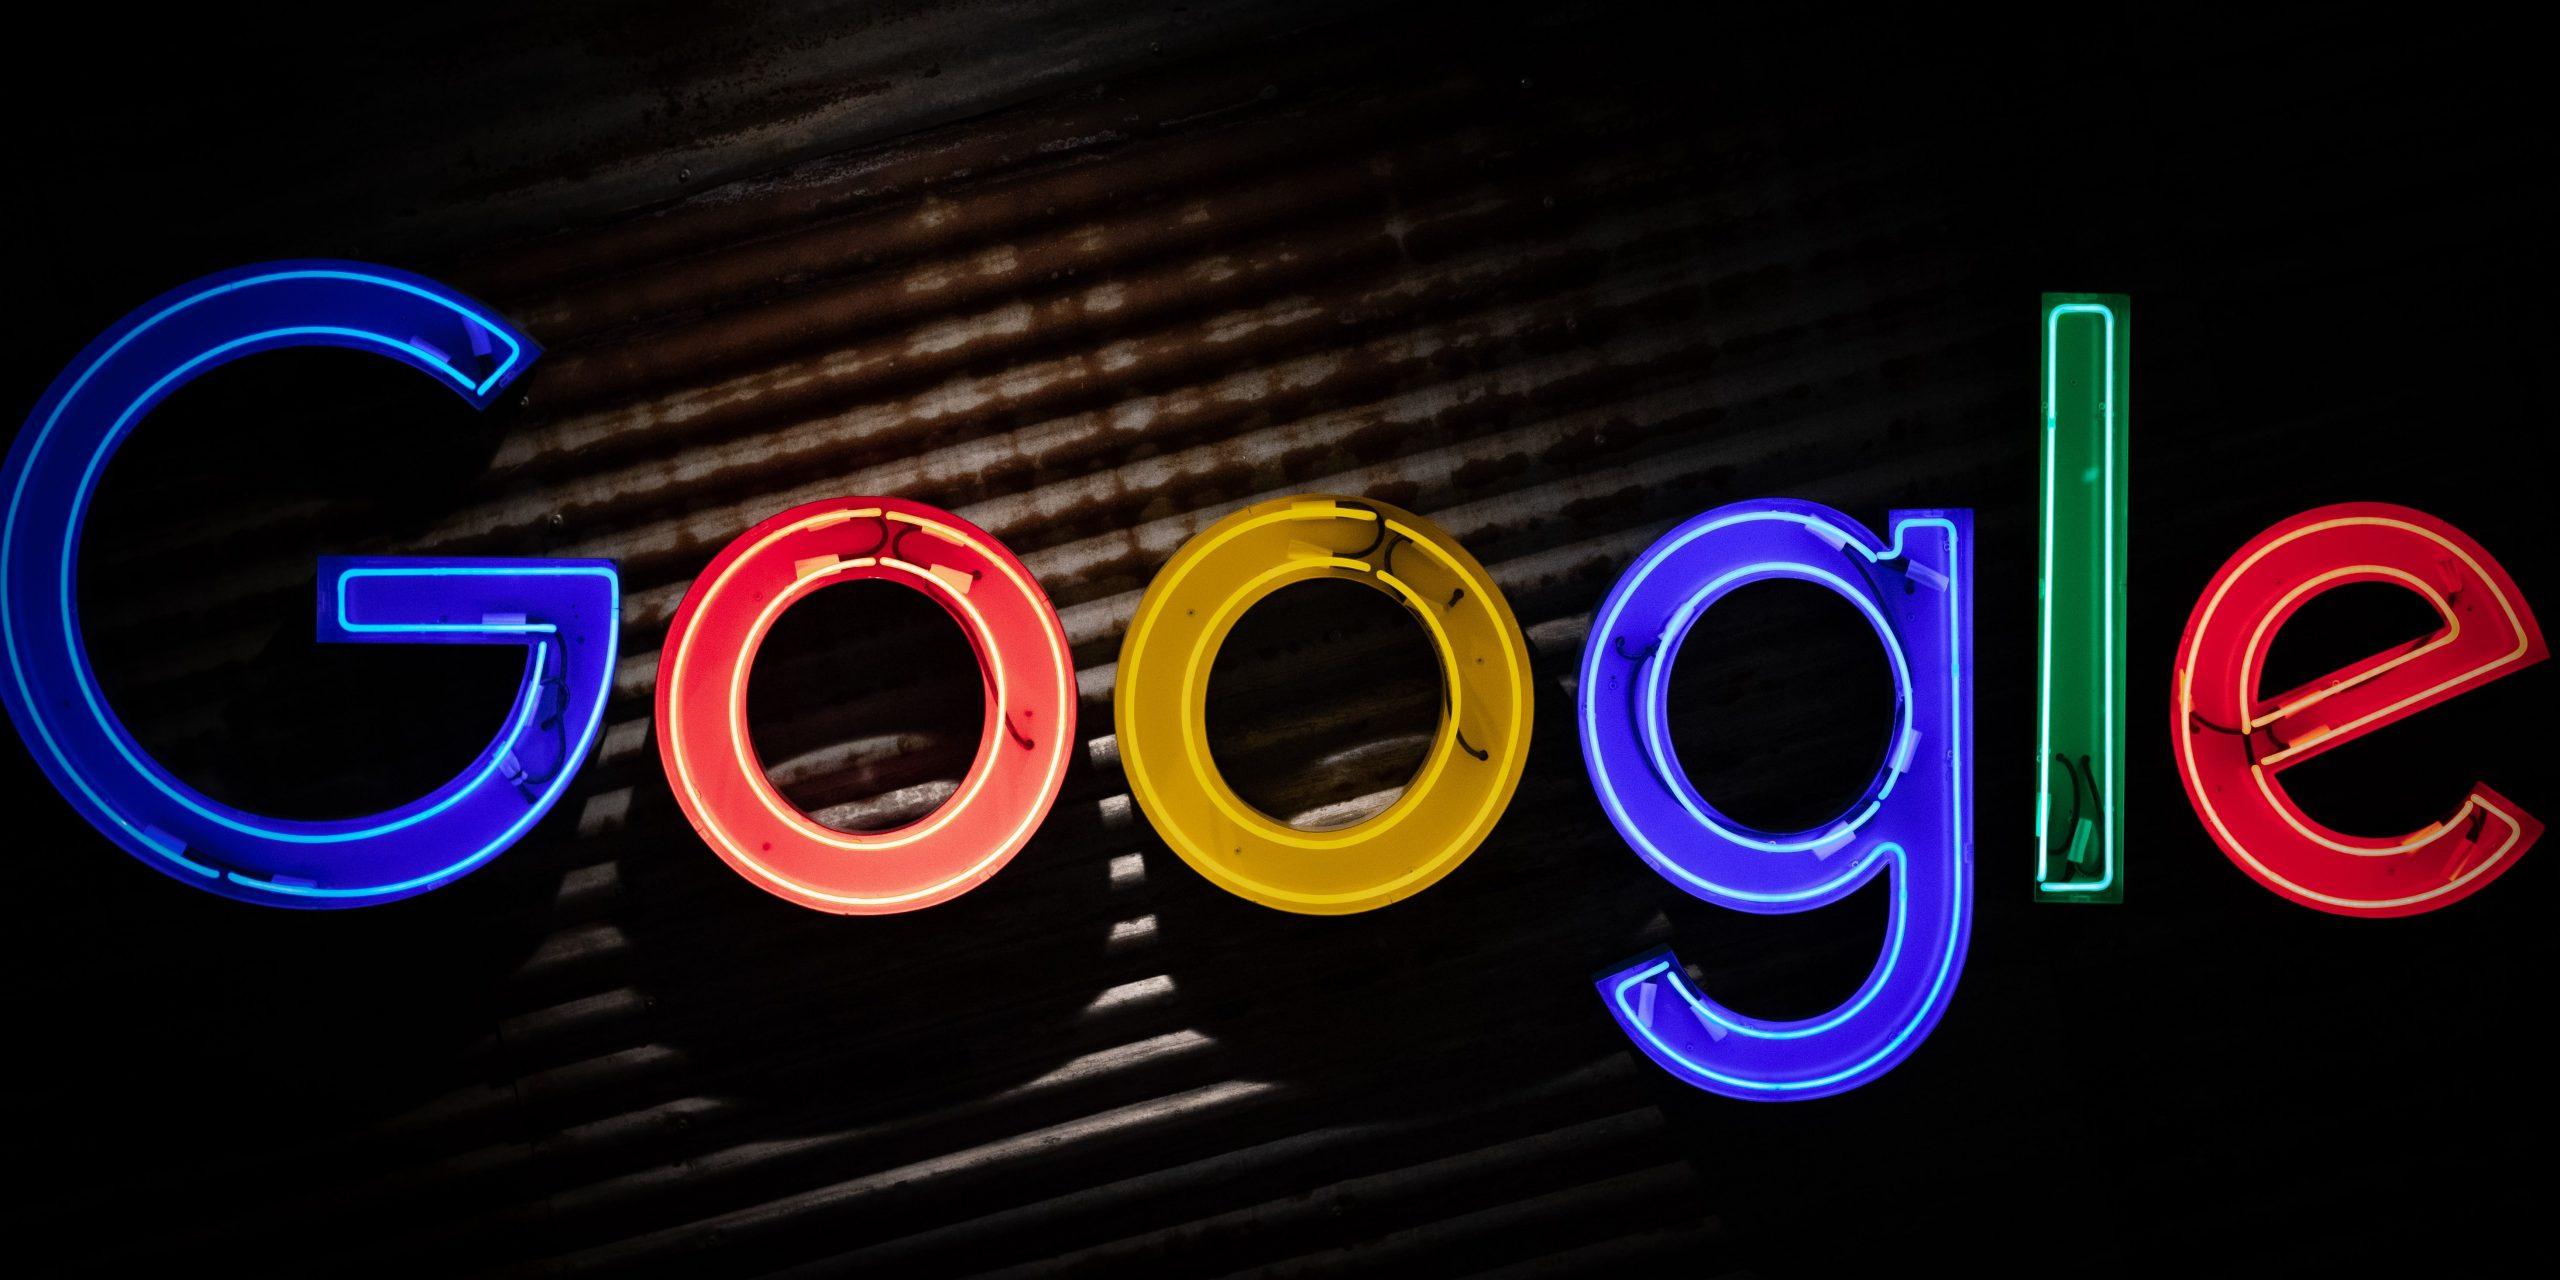 Google представила сканер документов с искусственным интеллектом для Android